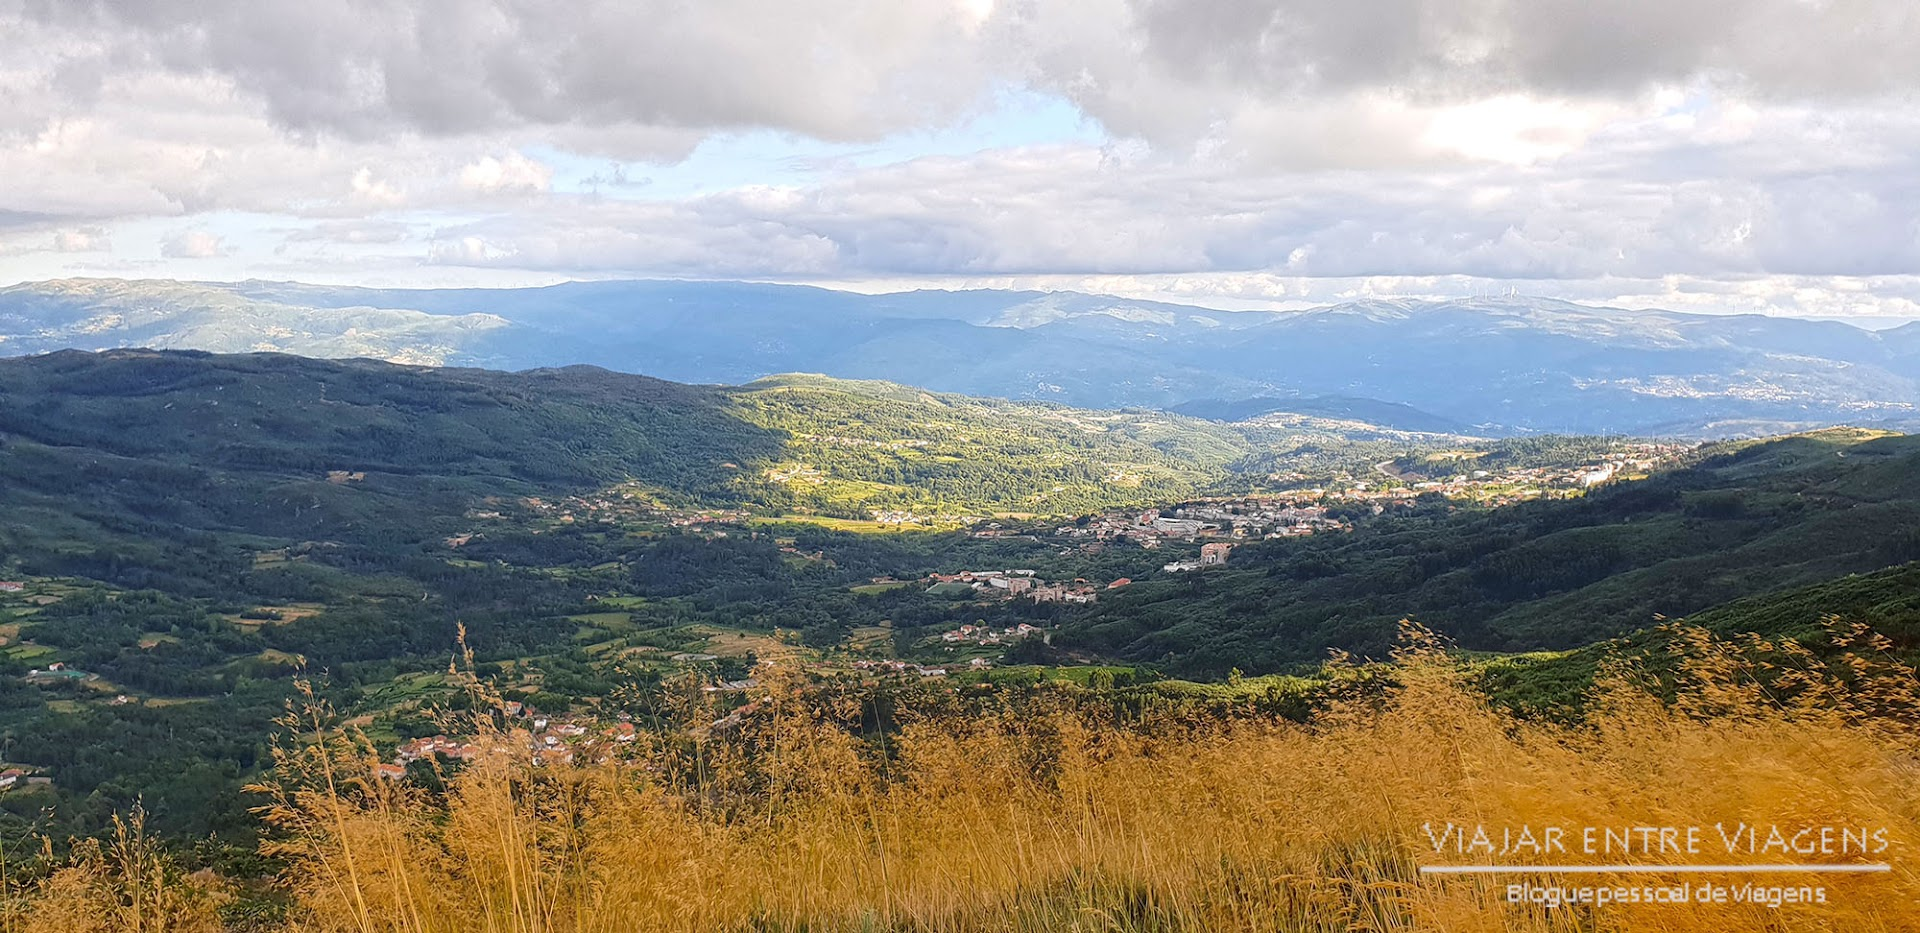 TRILHO DOS DÓLMENS - PR4 BAO/MCN/AMT - um percurso que permite (com desvios) apreciar o melhor da Serra da Aboboreira